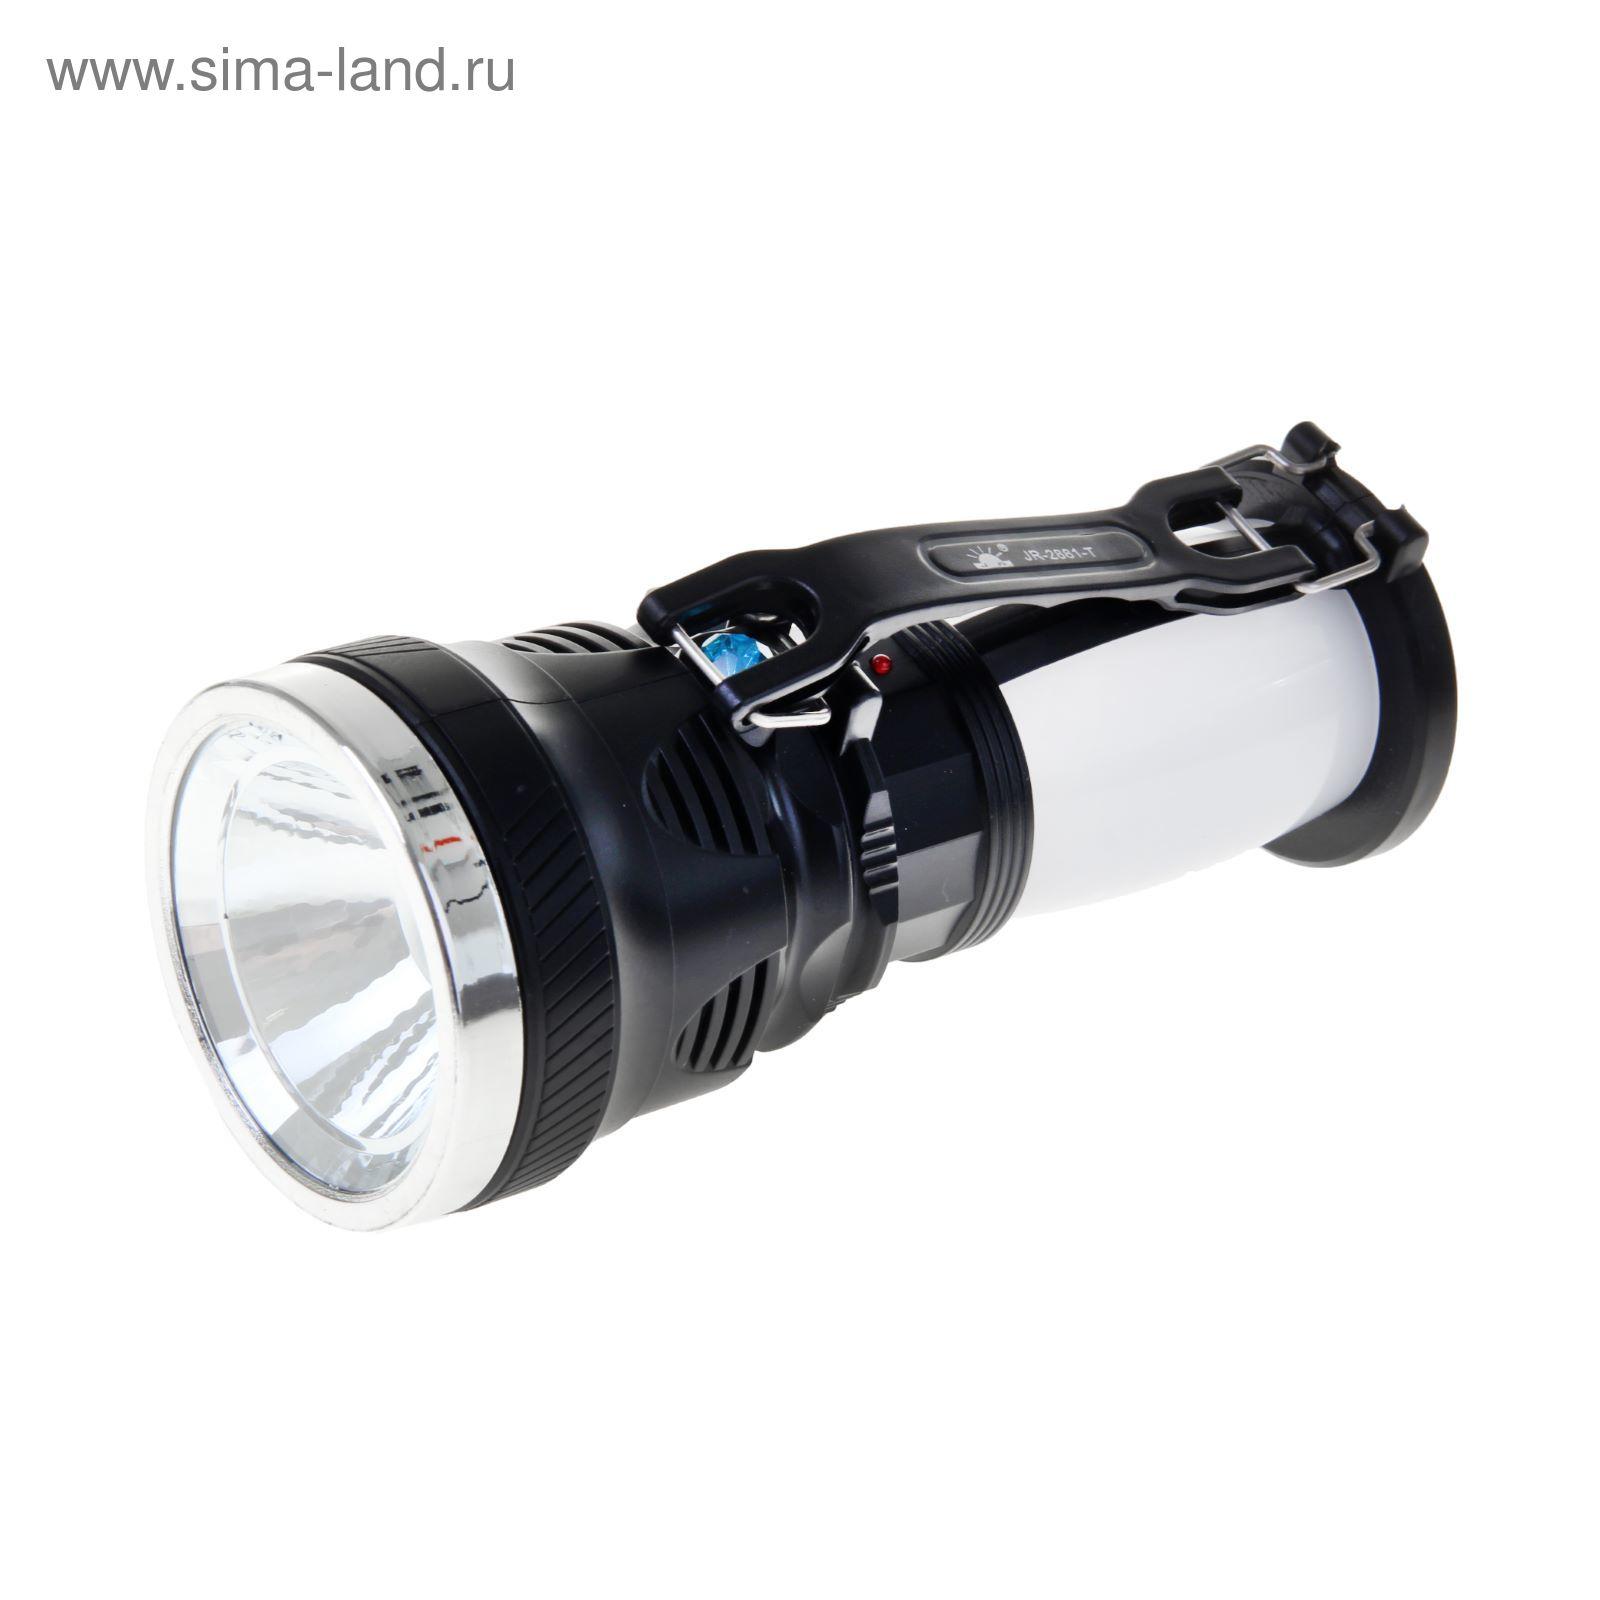 Светильник светодиодный МегаРучной инструмент<br><br>